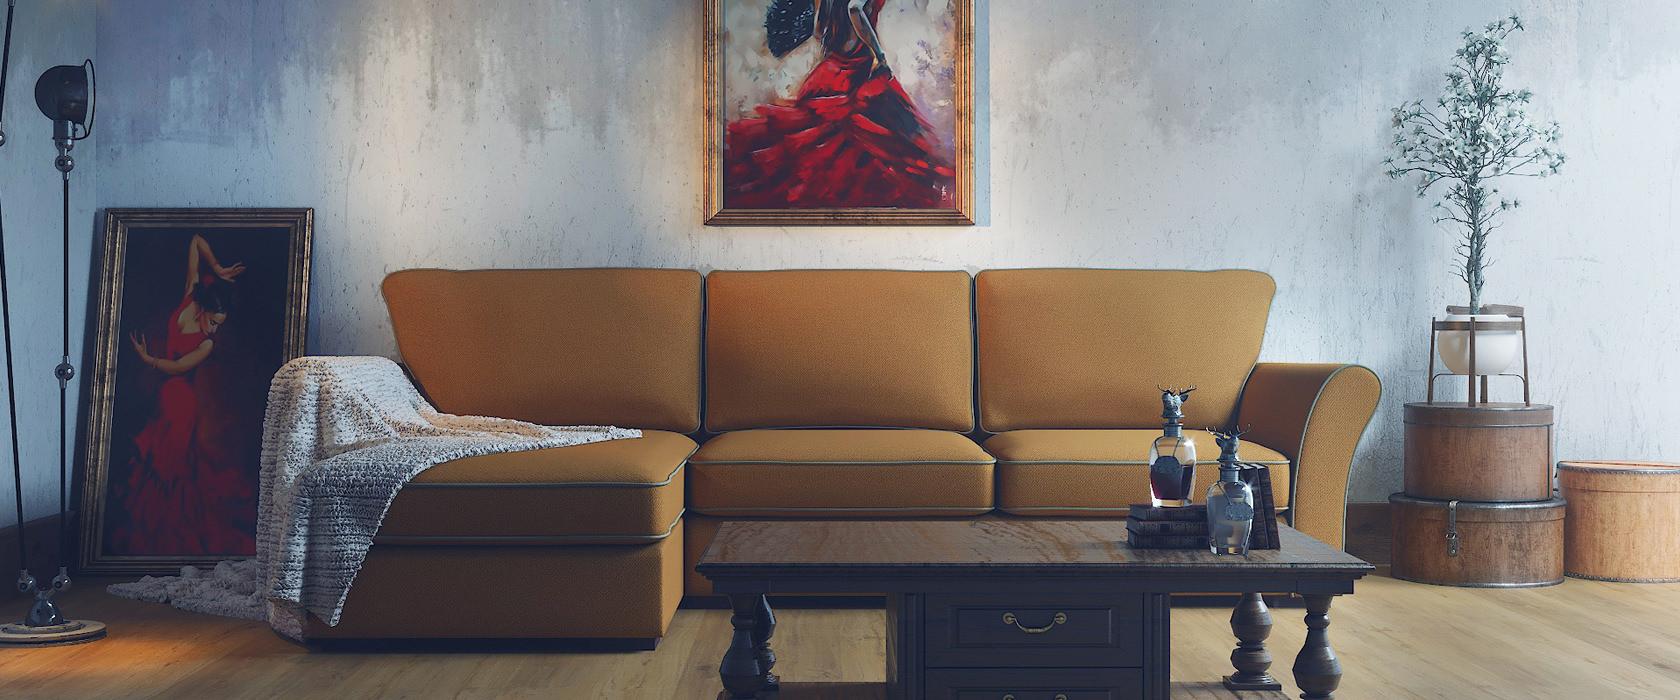 Угловой диван Amadeo - Фото 2 - Pufetto